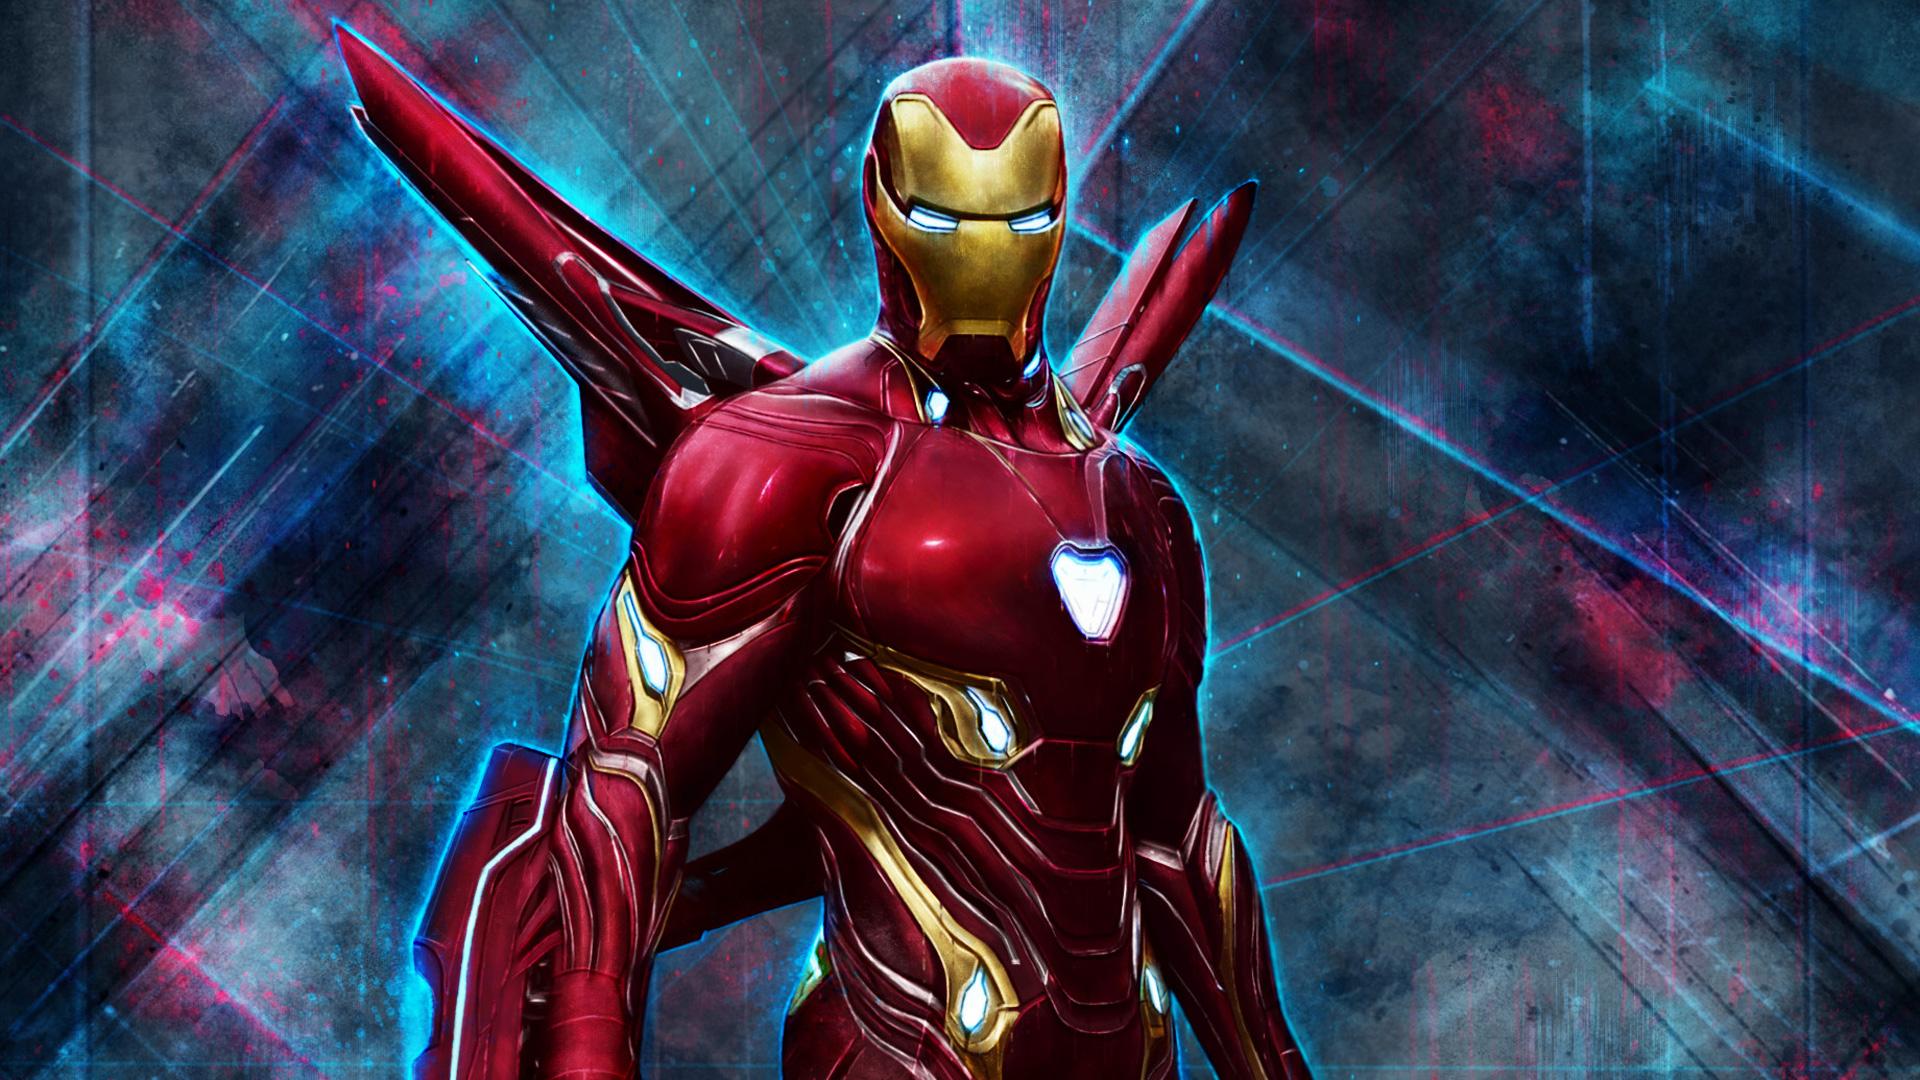 Iron Man HD Wallpaper | Hintergrund